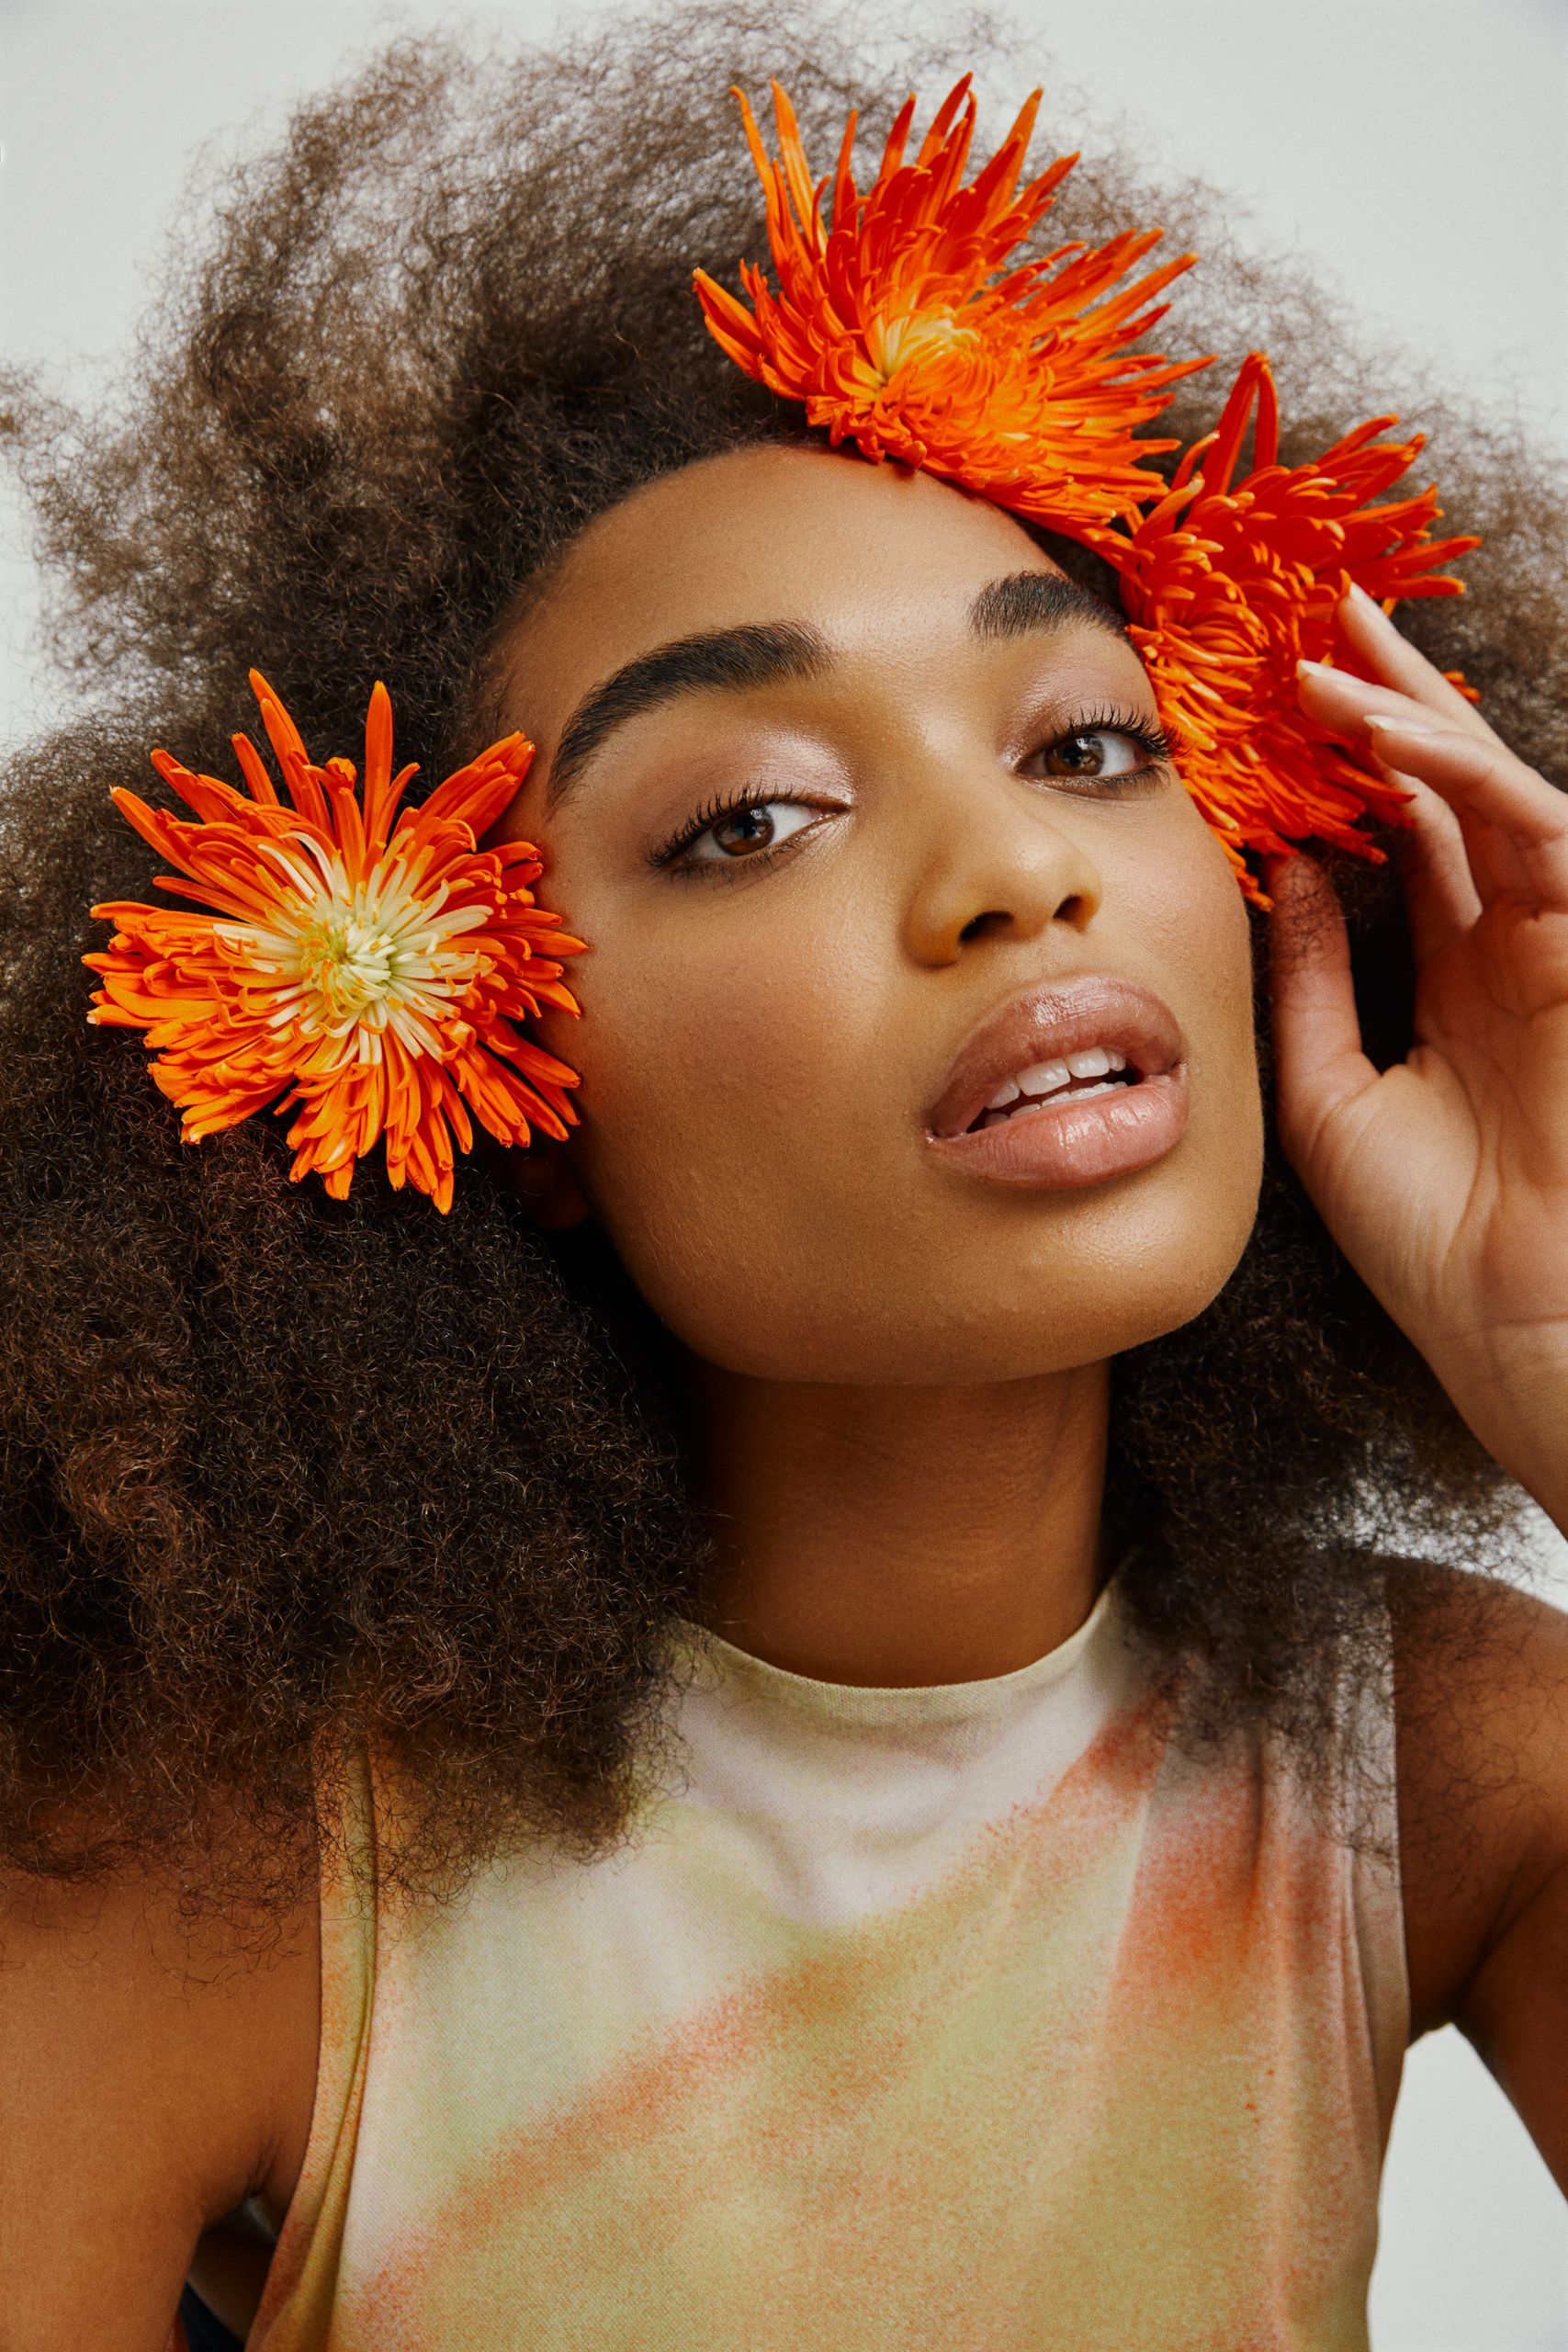 Plan de beauté d'une femme avec des fleurs orange dans ses cheveux bouclés.